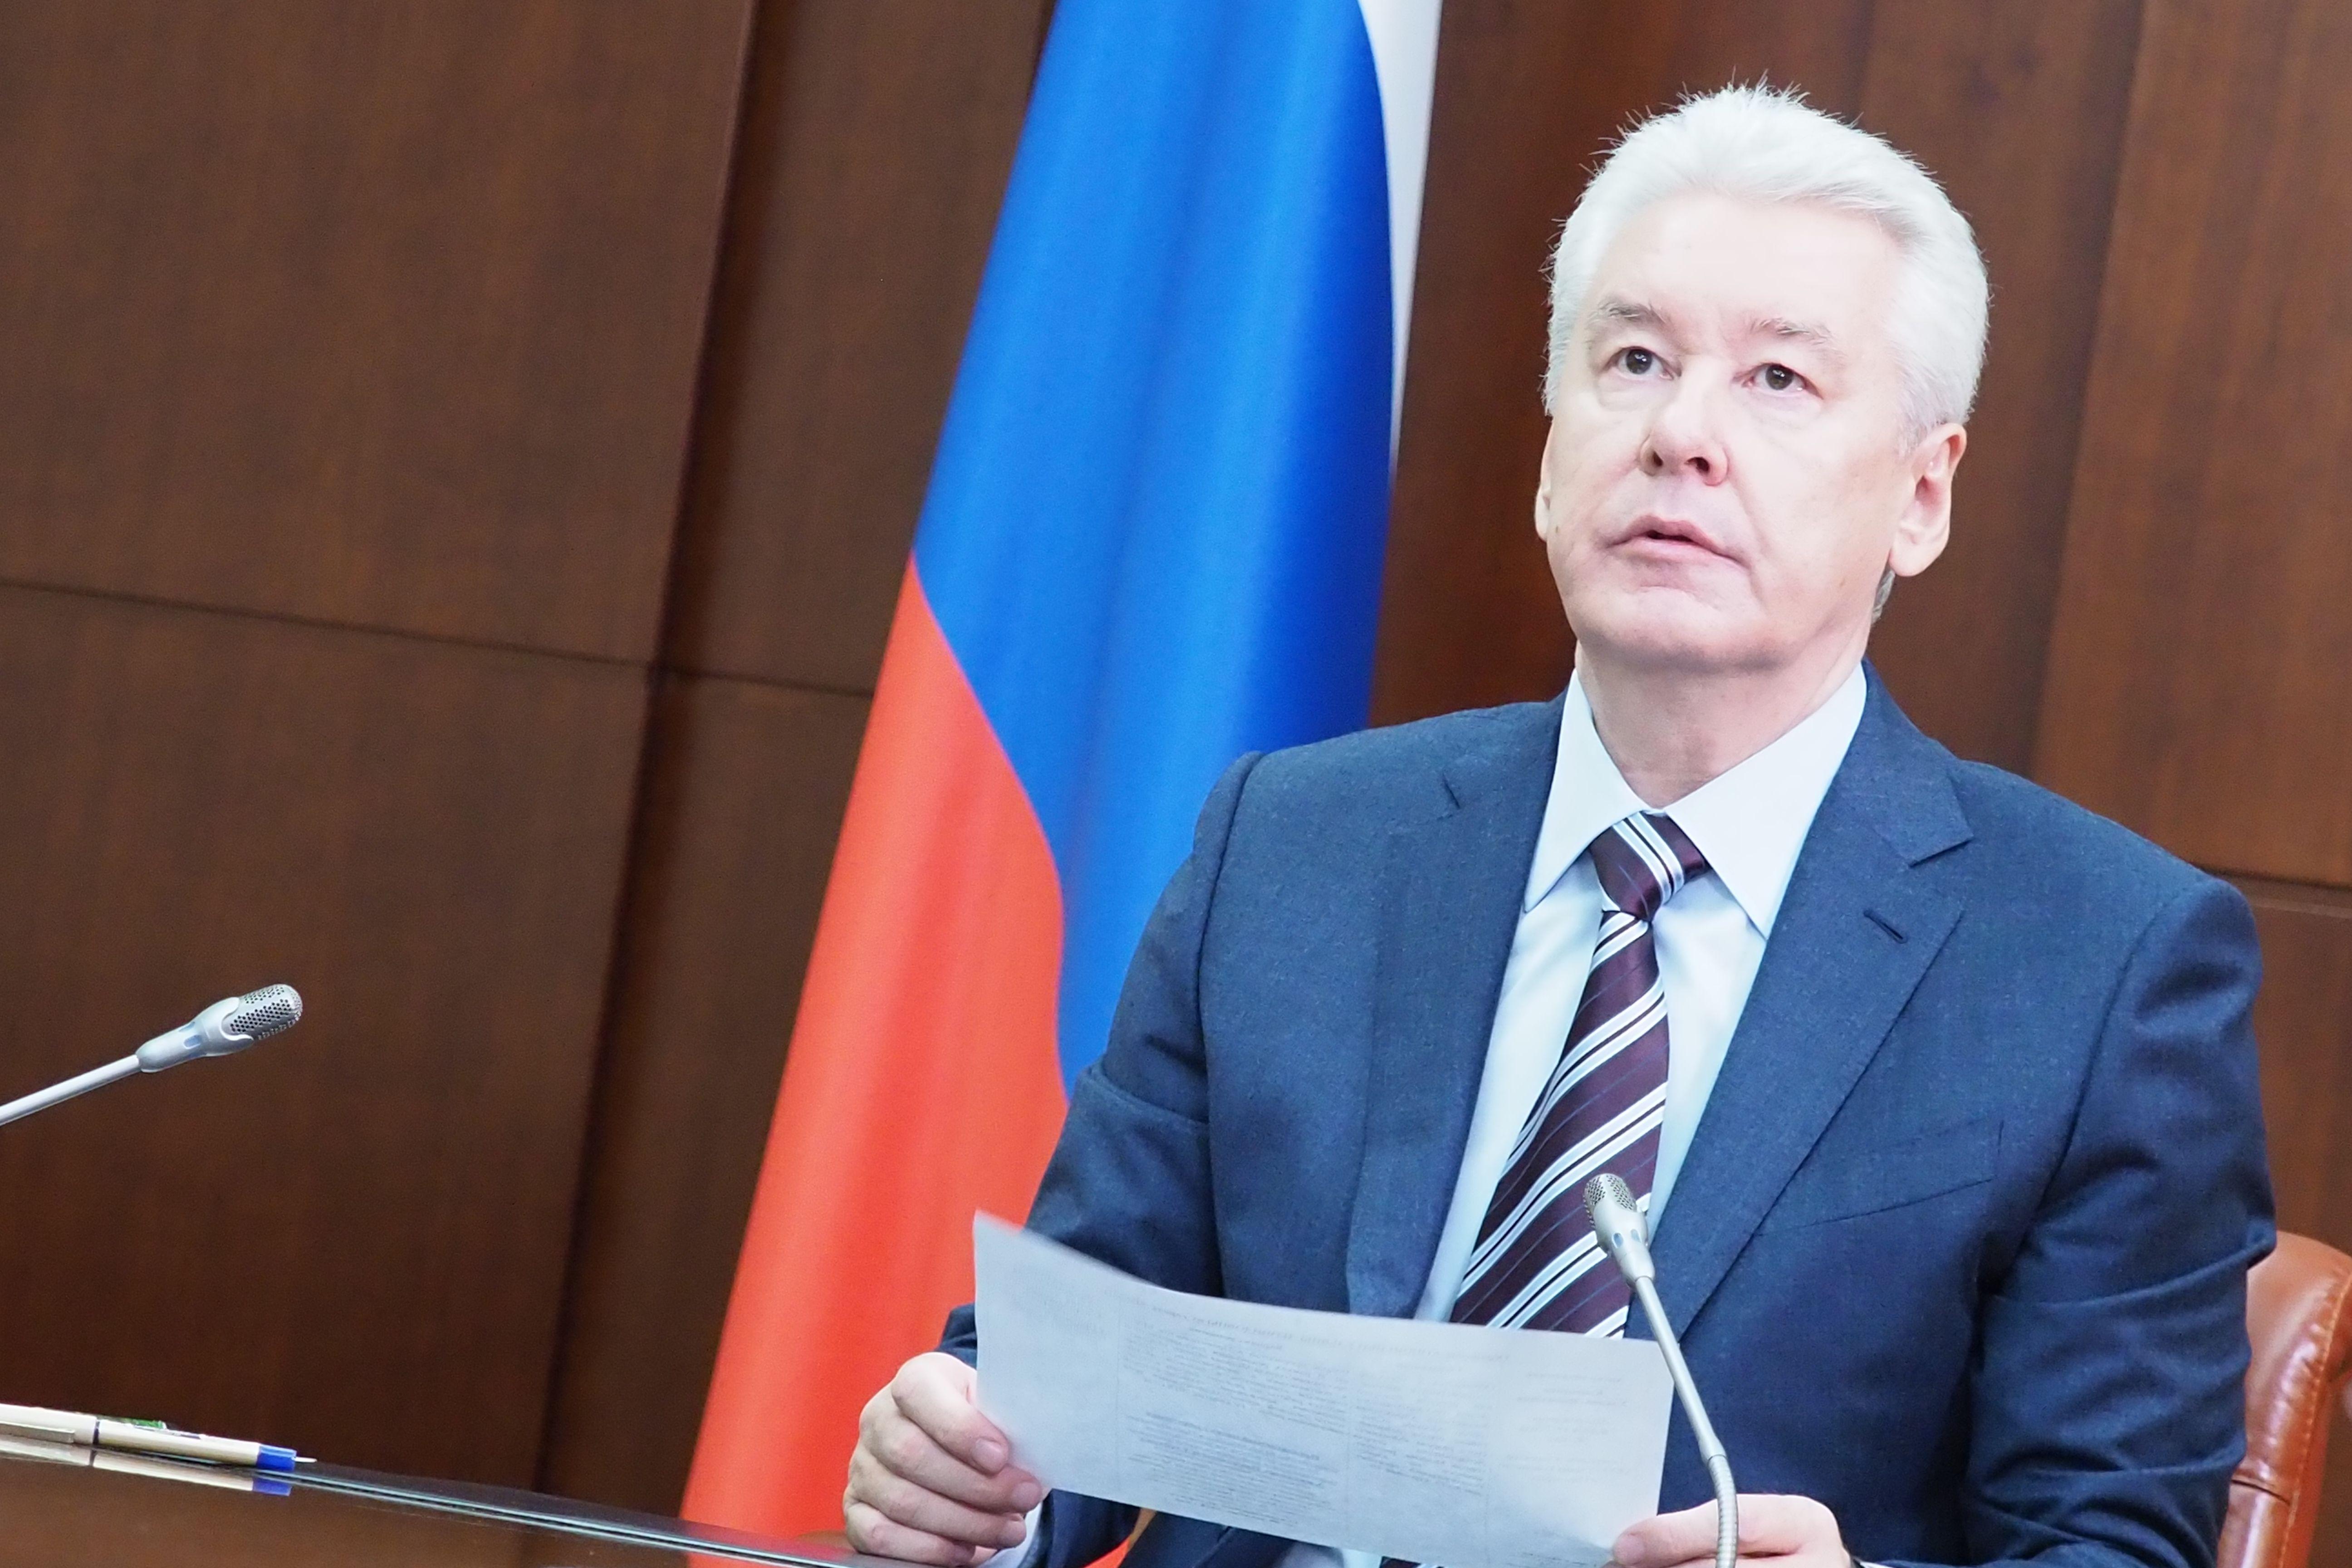 Собянин: Строительство северо-восточного участка БКЛ идет полным ходом